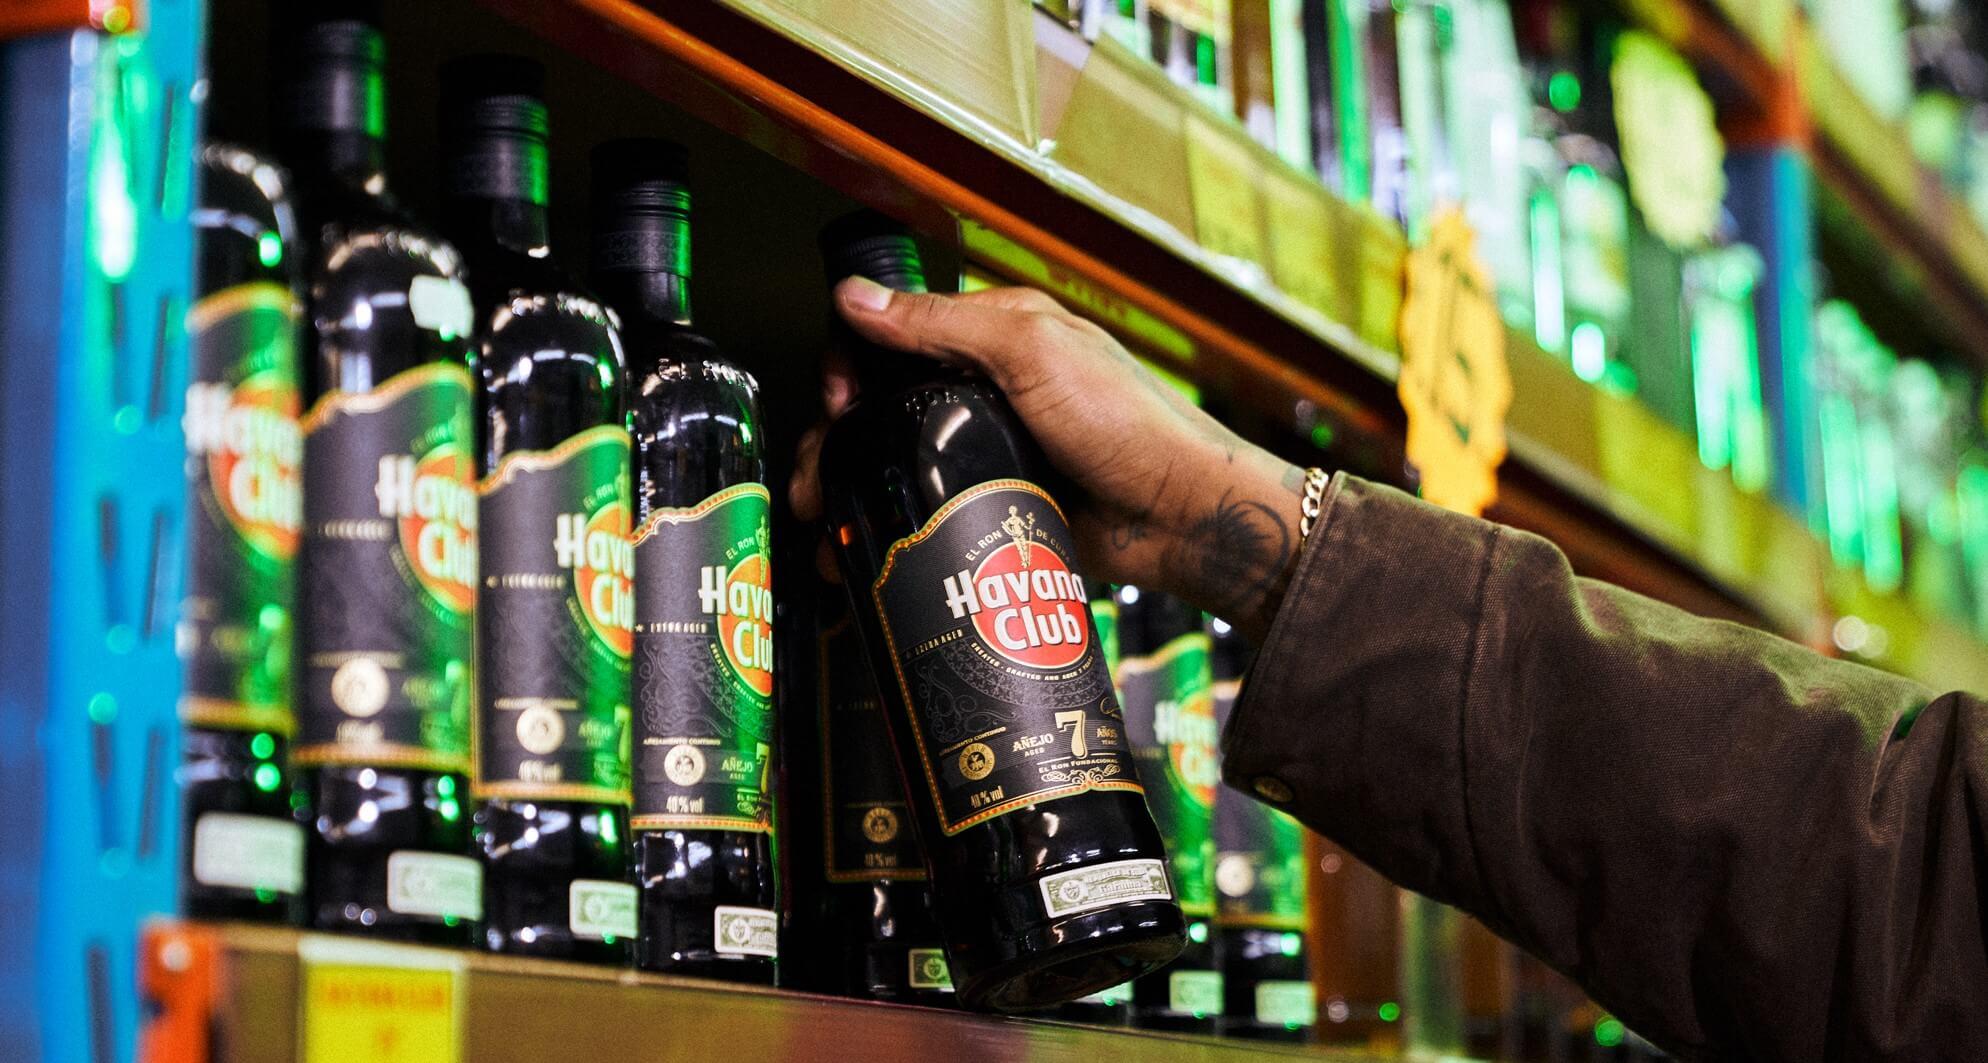 Bottles of Havana Club 7 anos on a shelf in-store